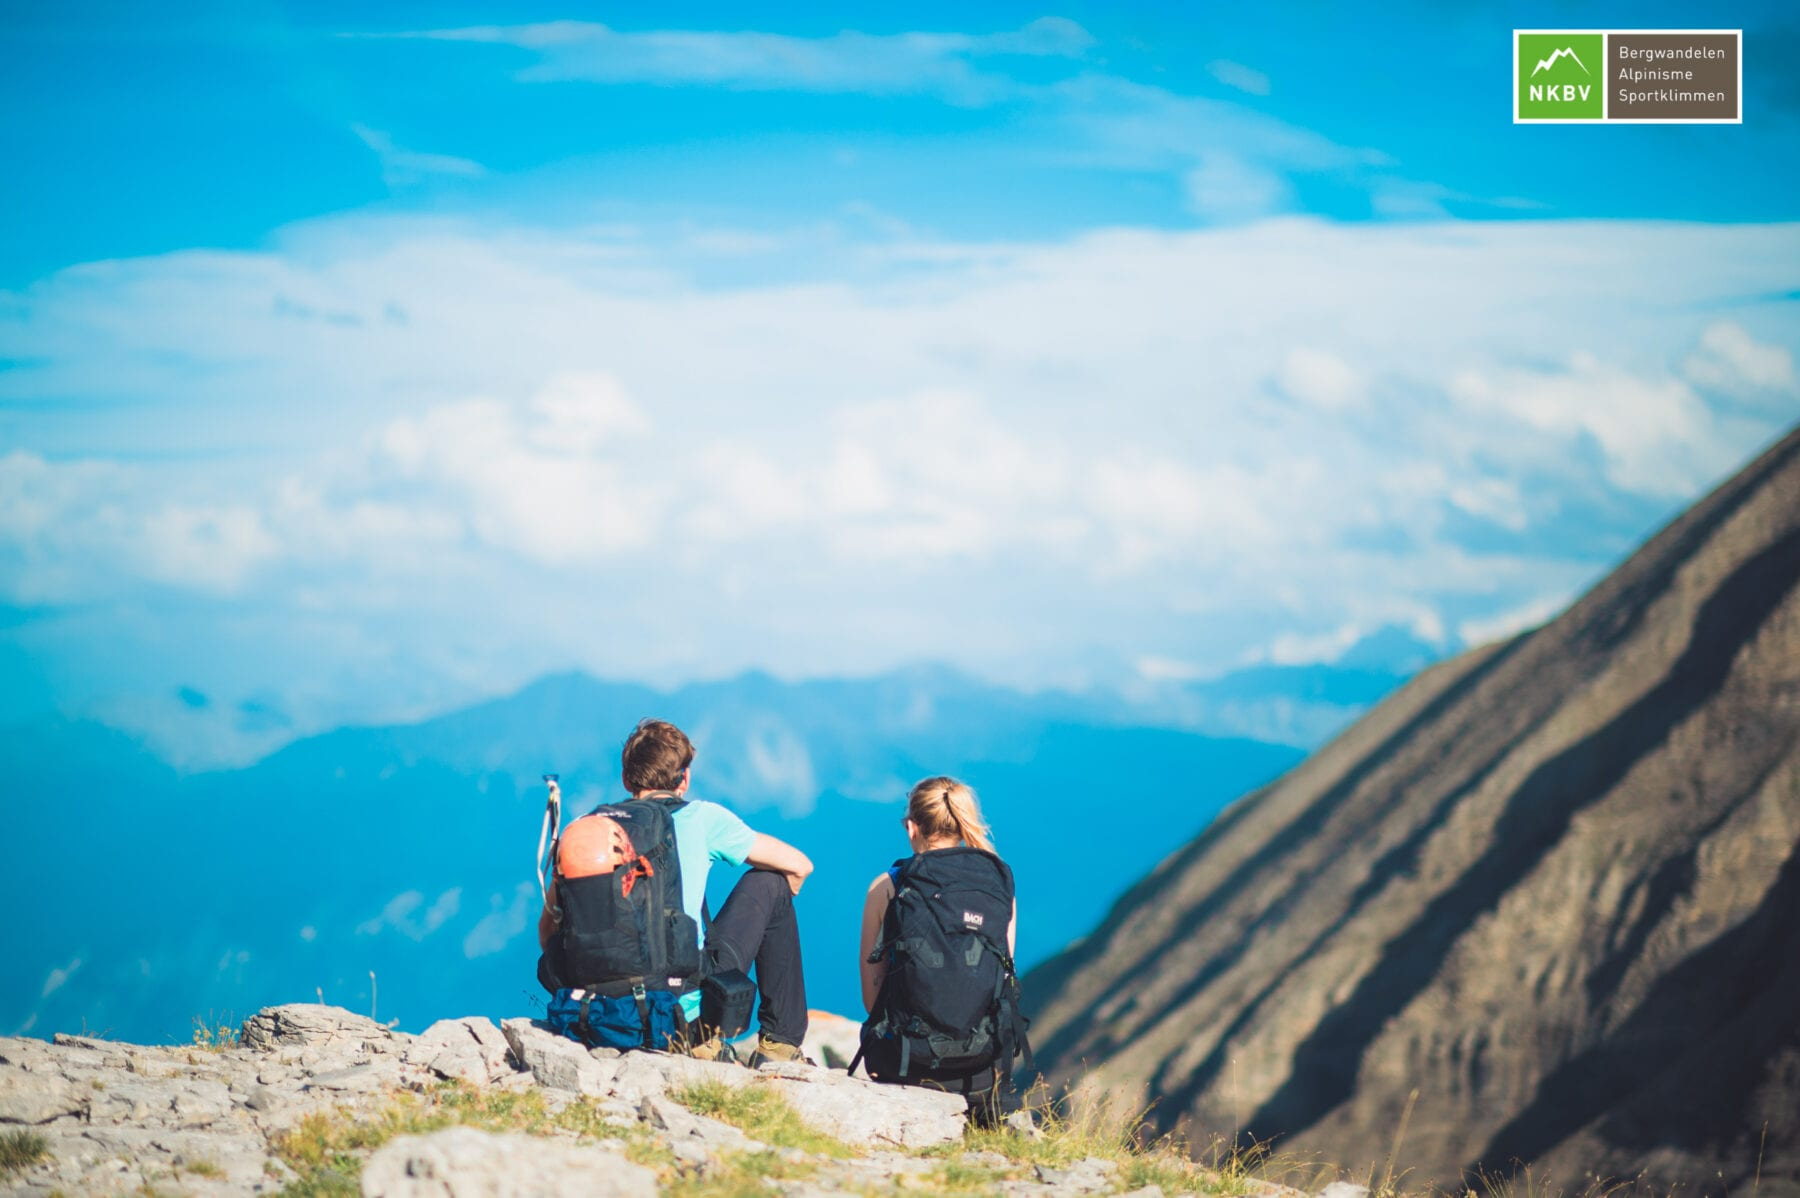 bergen in na de Corona versoepelingen chillen